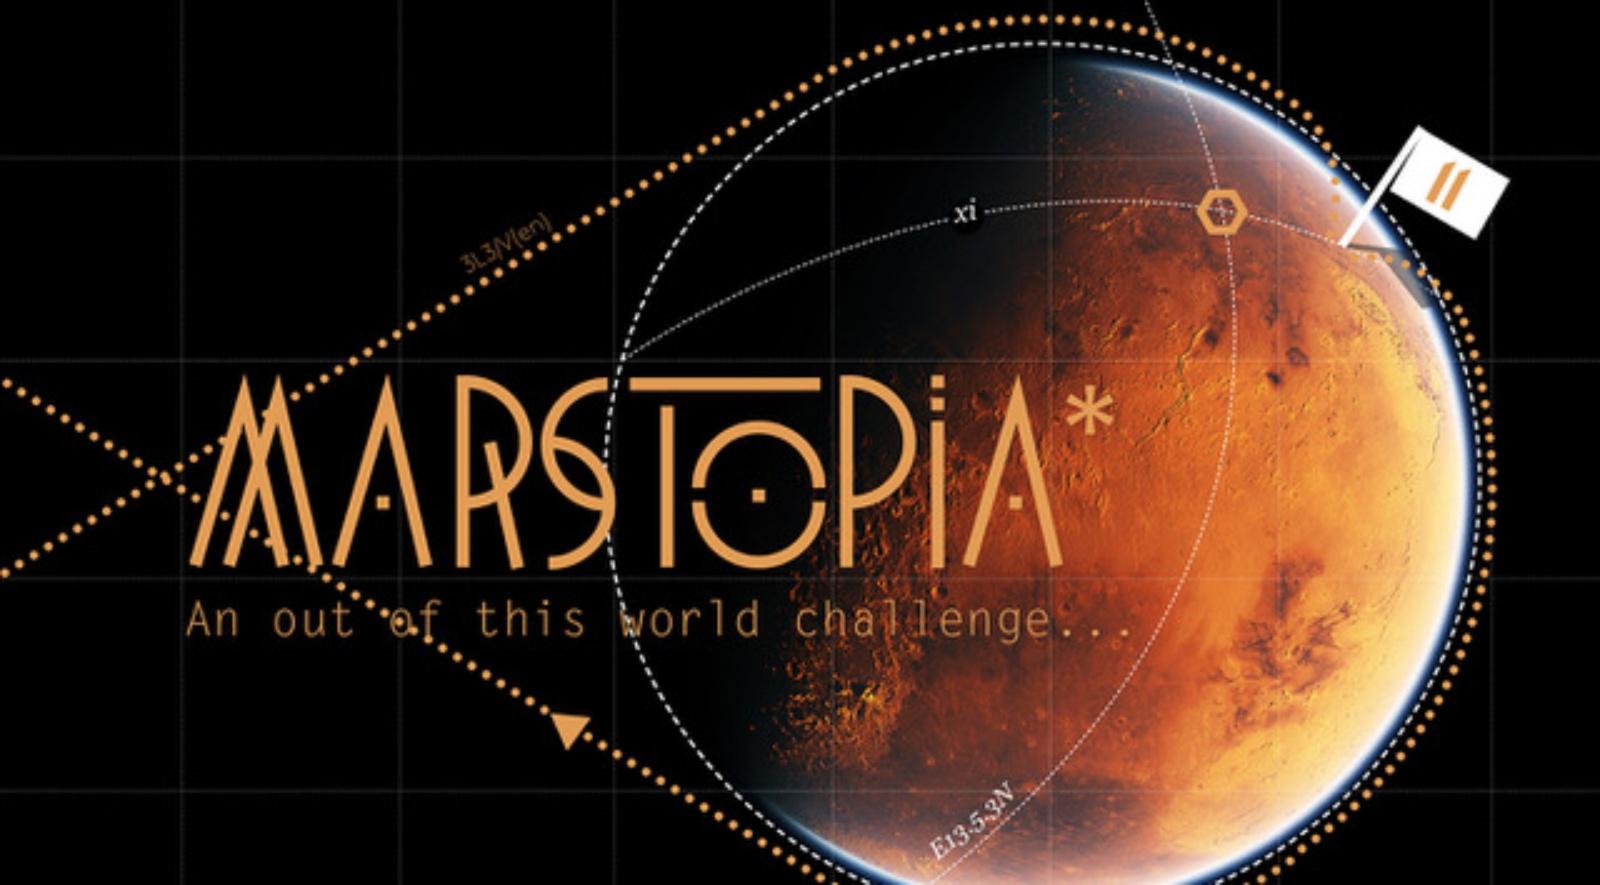 Marstopia